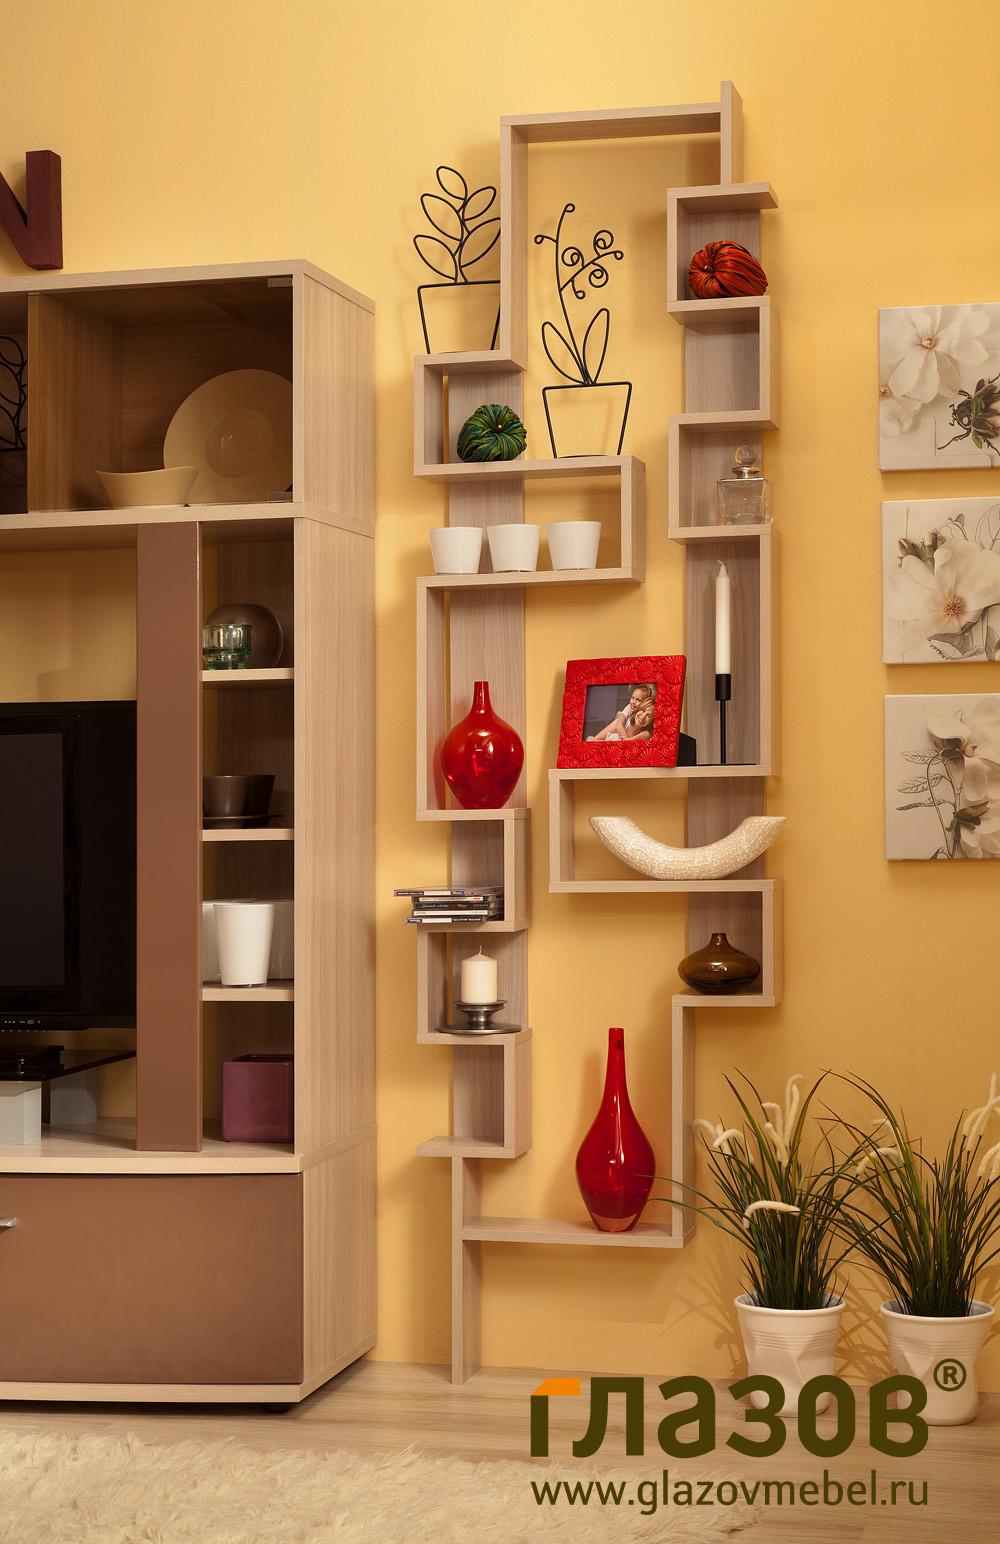 Гостиная 3. модульная серия berlin. глазовская мебельная фаб.